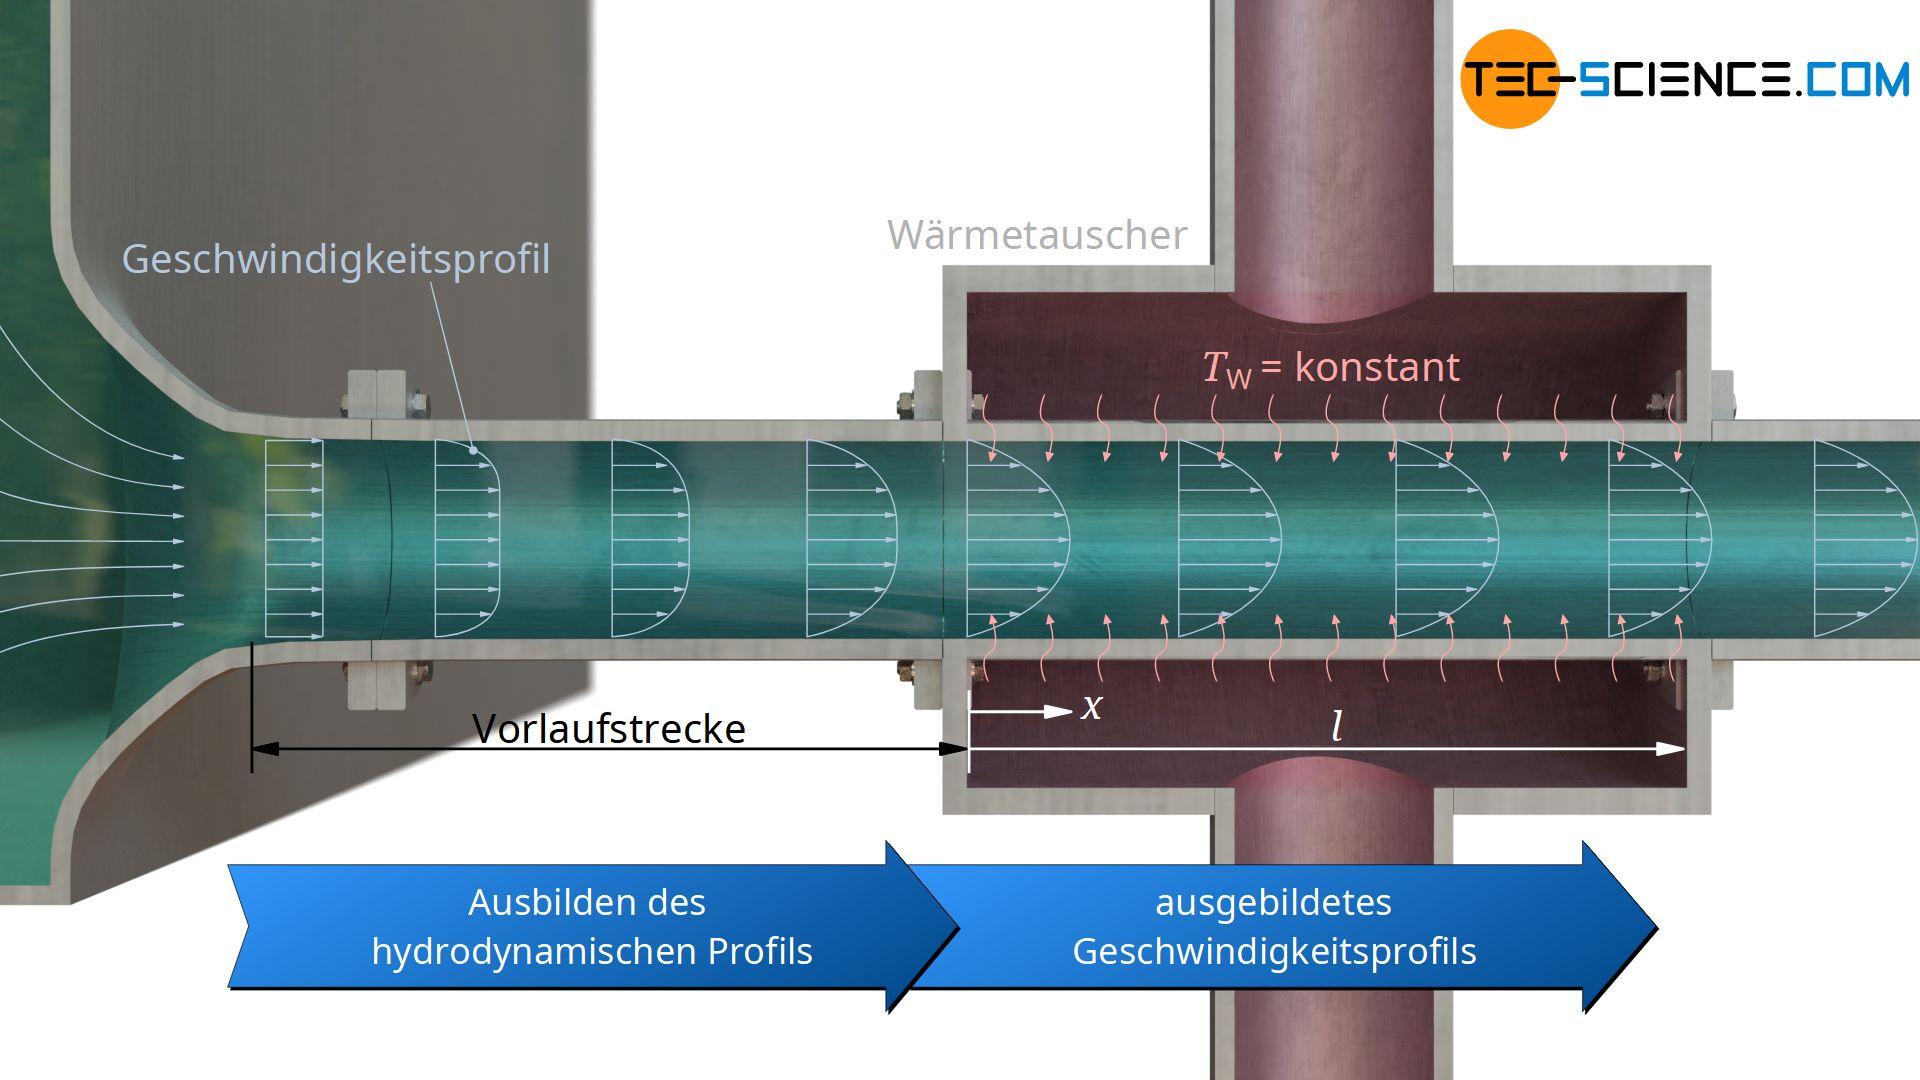 Konvektiver Wärmeübergang bei hydrodynamisch ausgebildeter Strömung (Geschwindigkeitsprofil) und konstanter Wandtemperatur